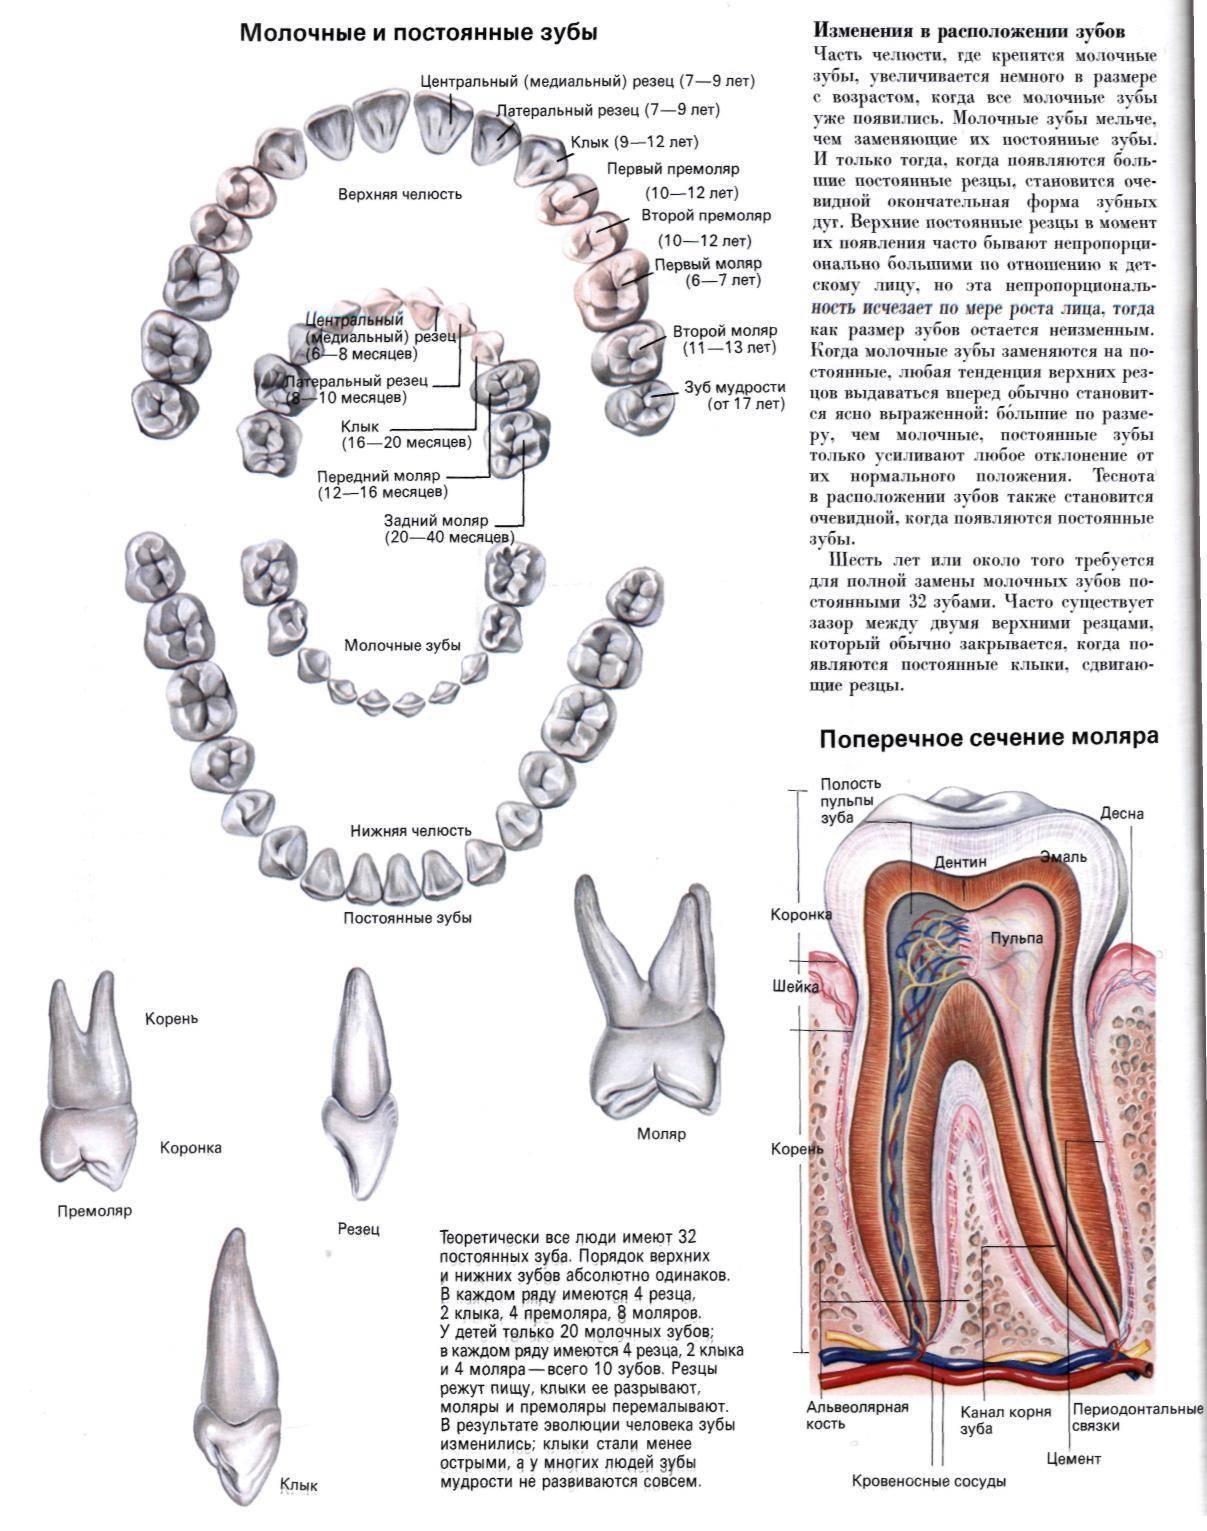 Зубы человека: строение, анатомия зуба, как устроен зуб